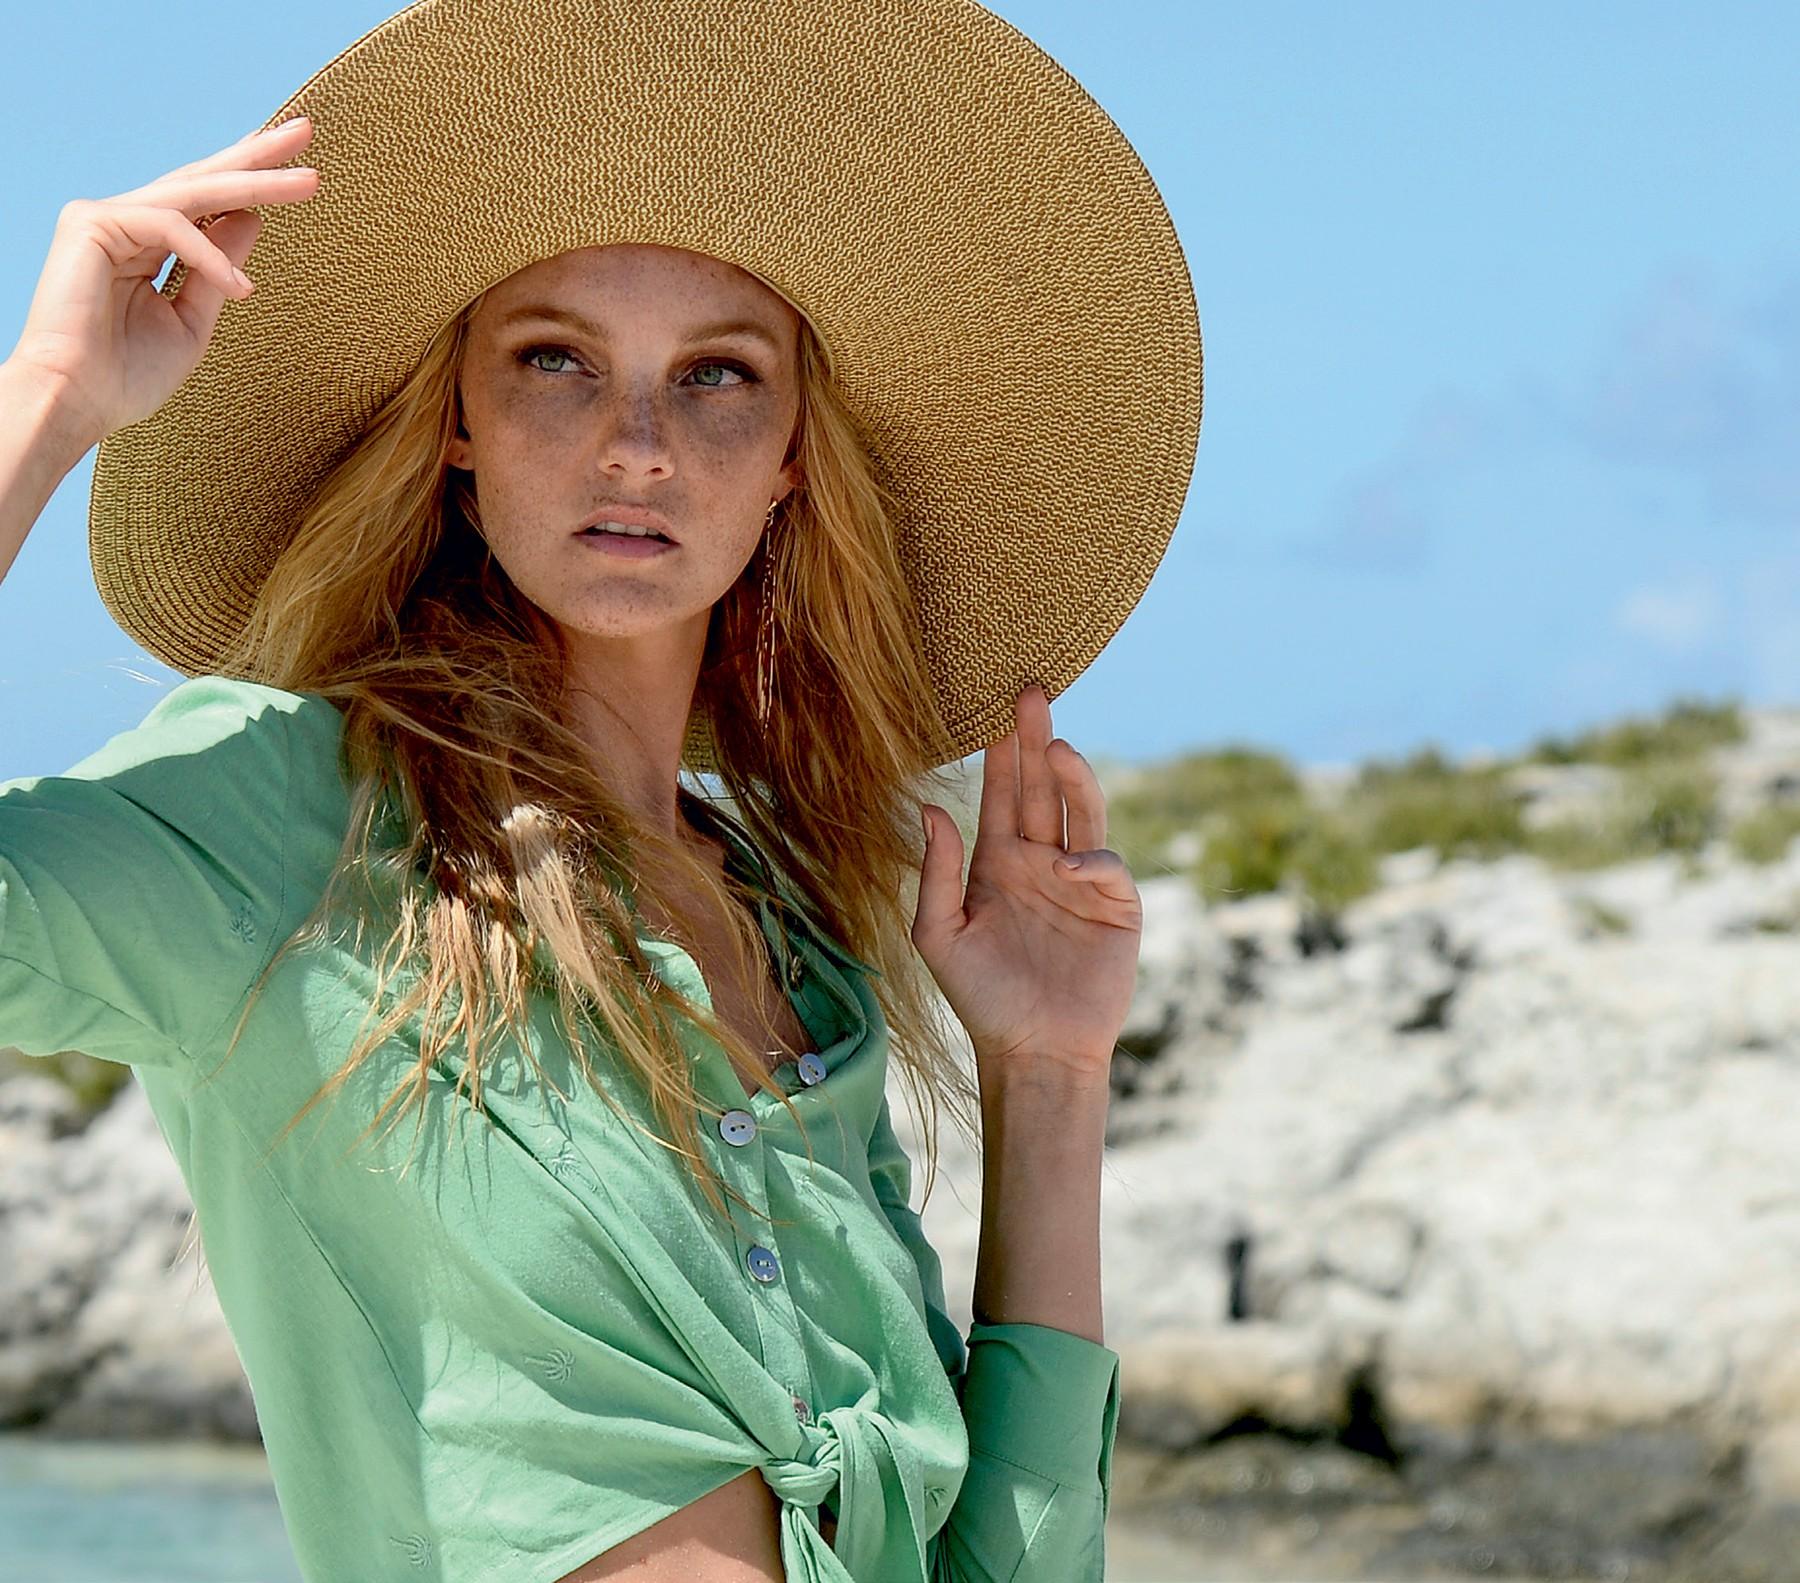 Da parceria da vez aos LANÇAMENTOS das grifes CARIOCAS, Vogue apresenta seis novidades quentíssimas do BEACHWEAR neste verão (Foto: Divulgação e Murillo Mendes)